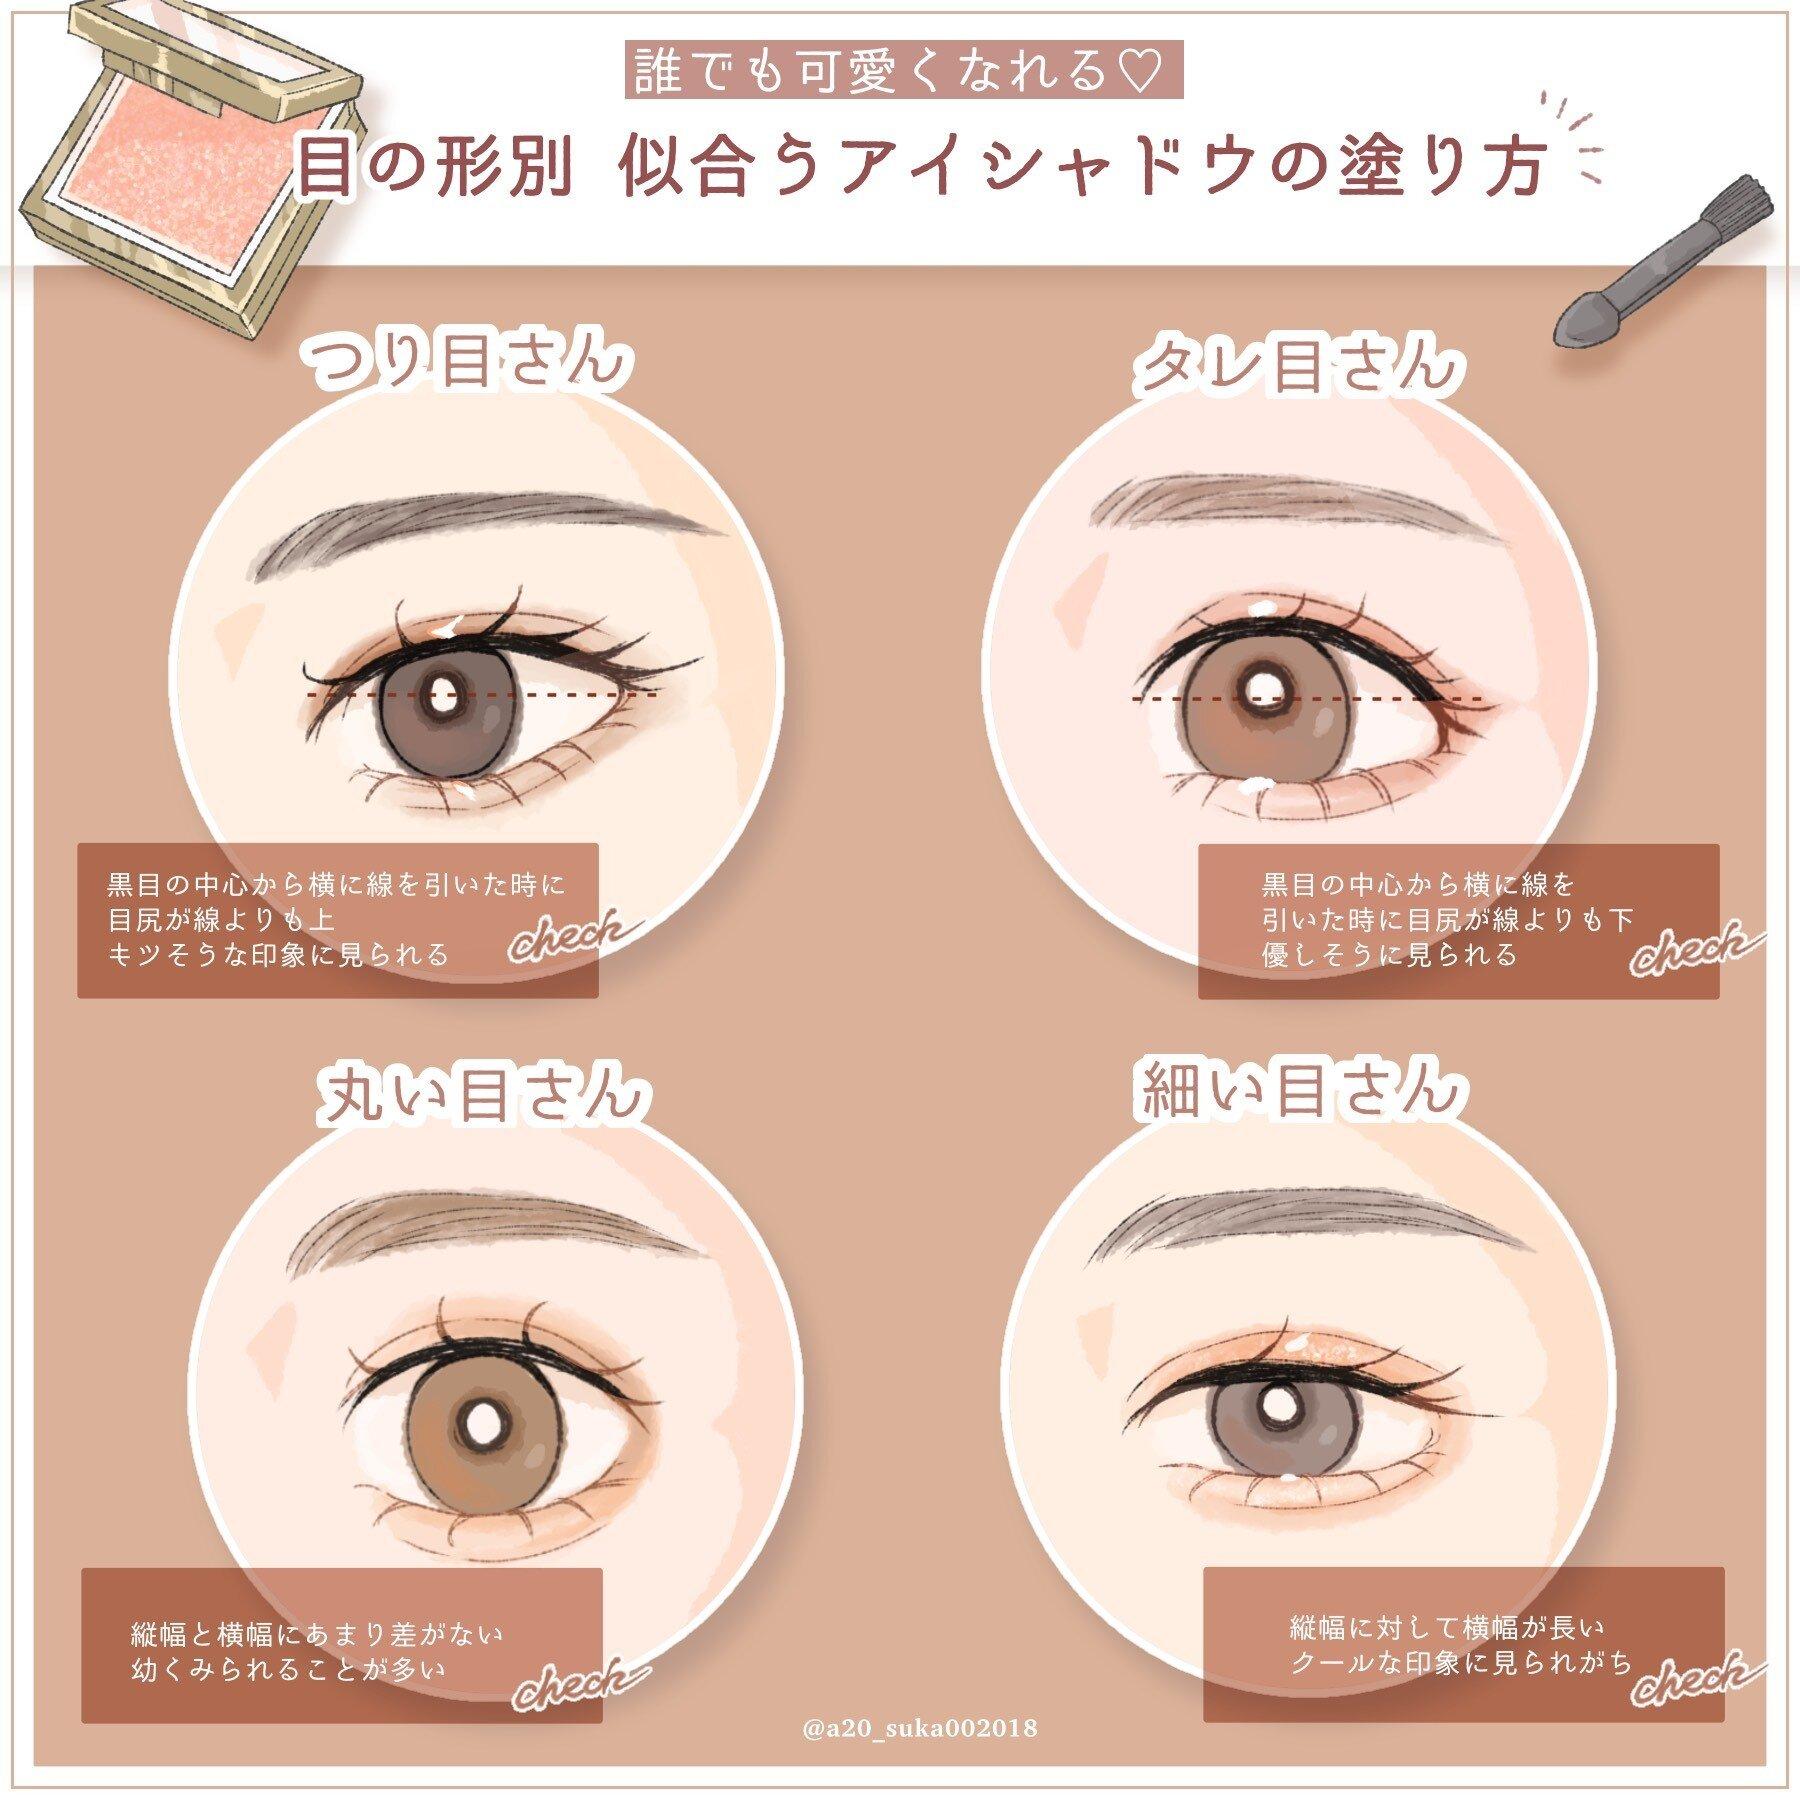 丸い 目頭 目の形を判断する方法 (画像あり)